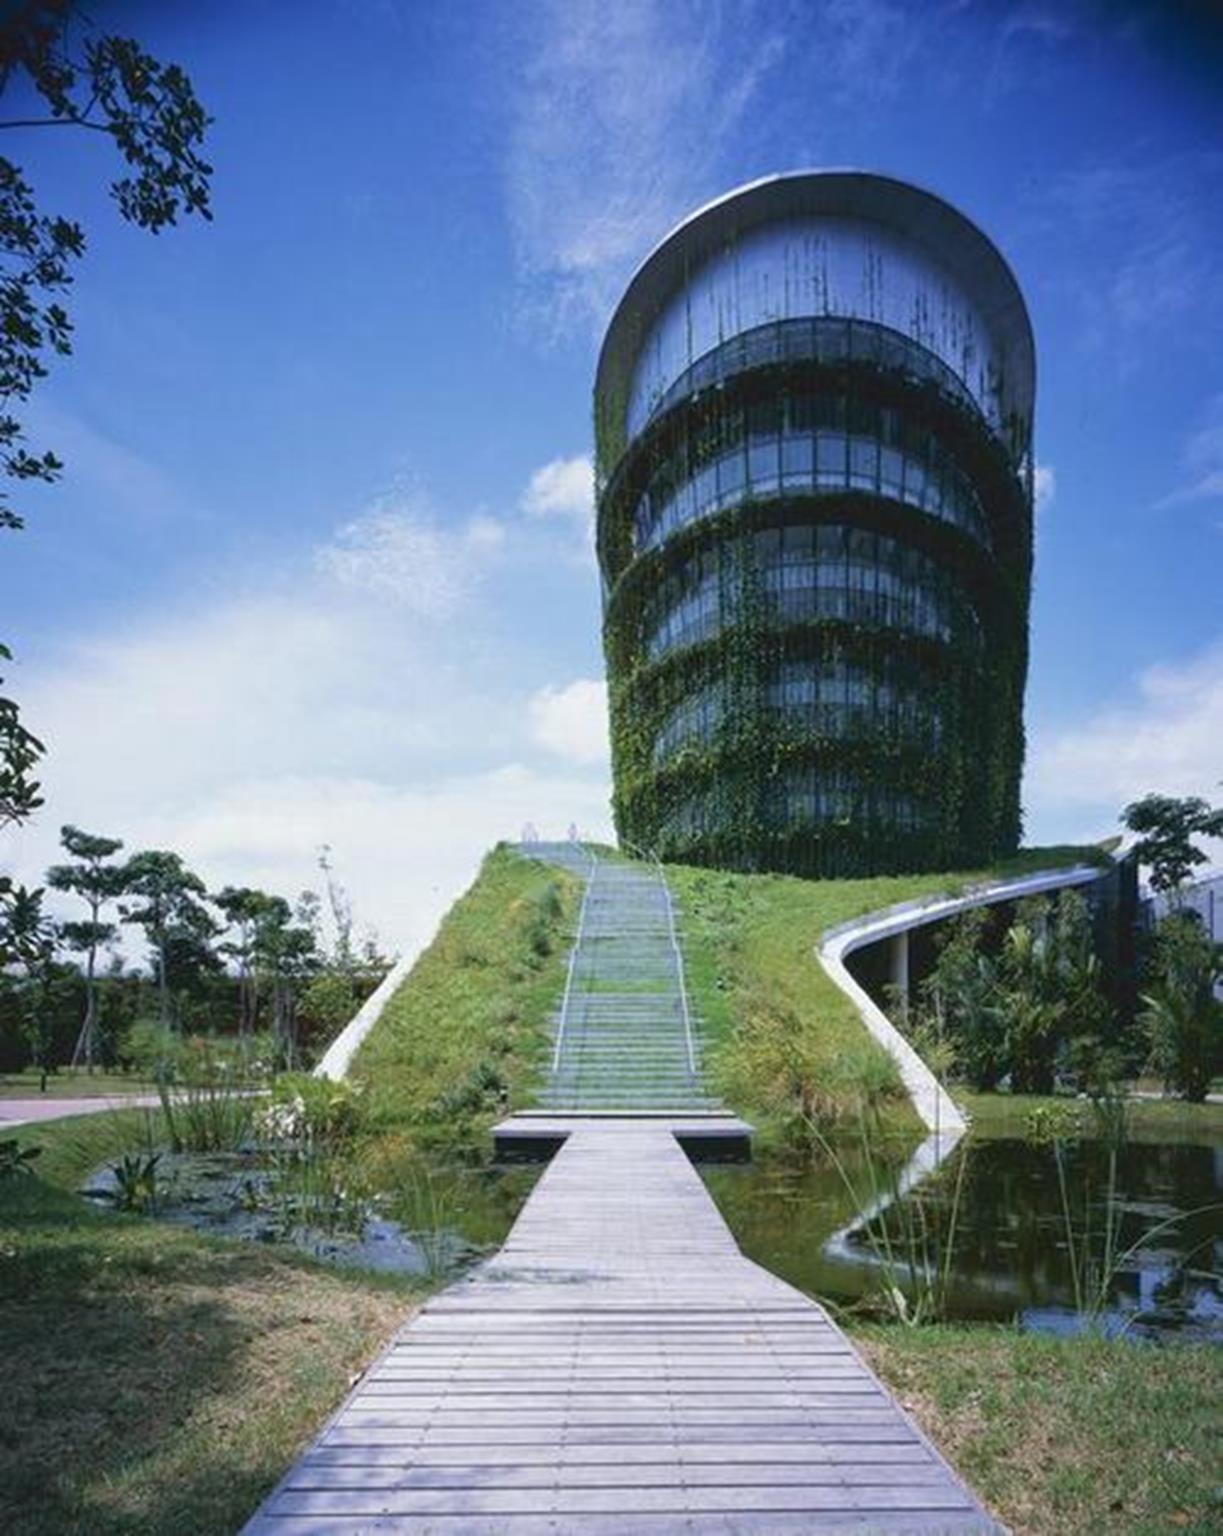 Các kiến trúc sư Malaysia xây dựng một nhà máy công nghiệp thân thiện với môi trường. Nhà máy được bao phủ xung quanh bởi màu xanh của lá cây nhằm giảm lượng khí thải carbon ra môi trường và tăng sự hấp thụ nước mưa để làm mát không gian bên trong.